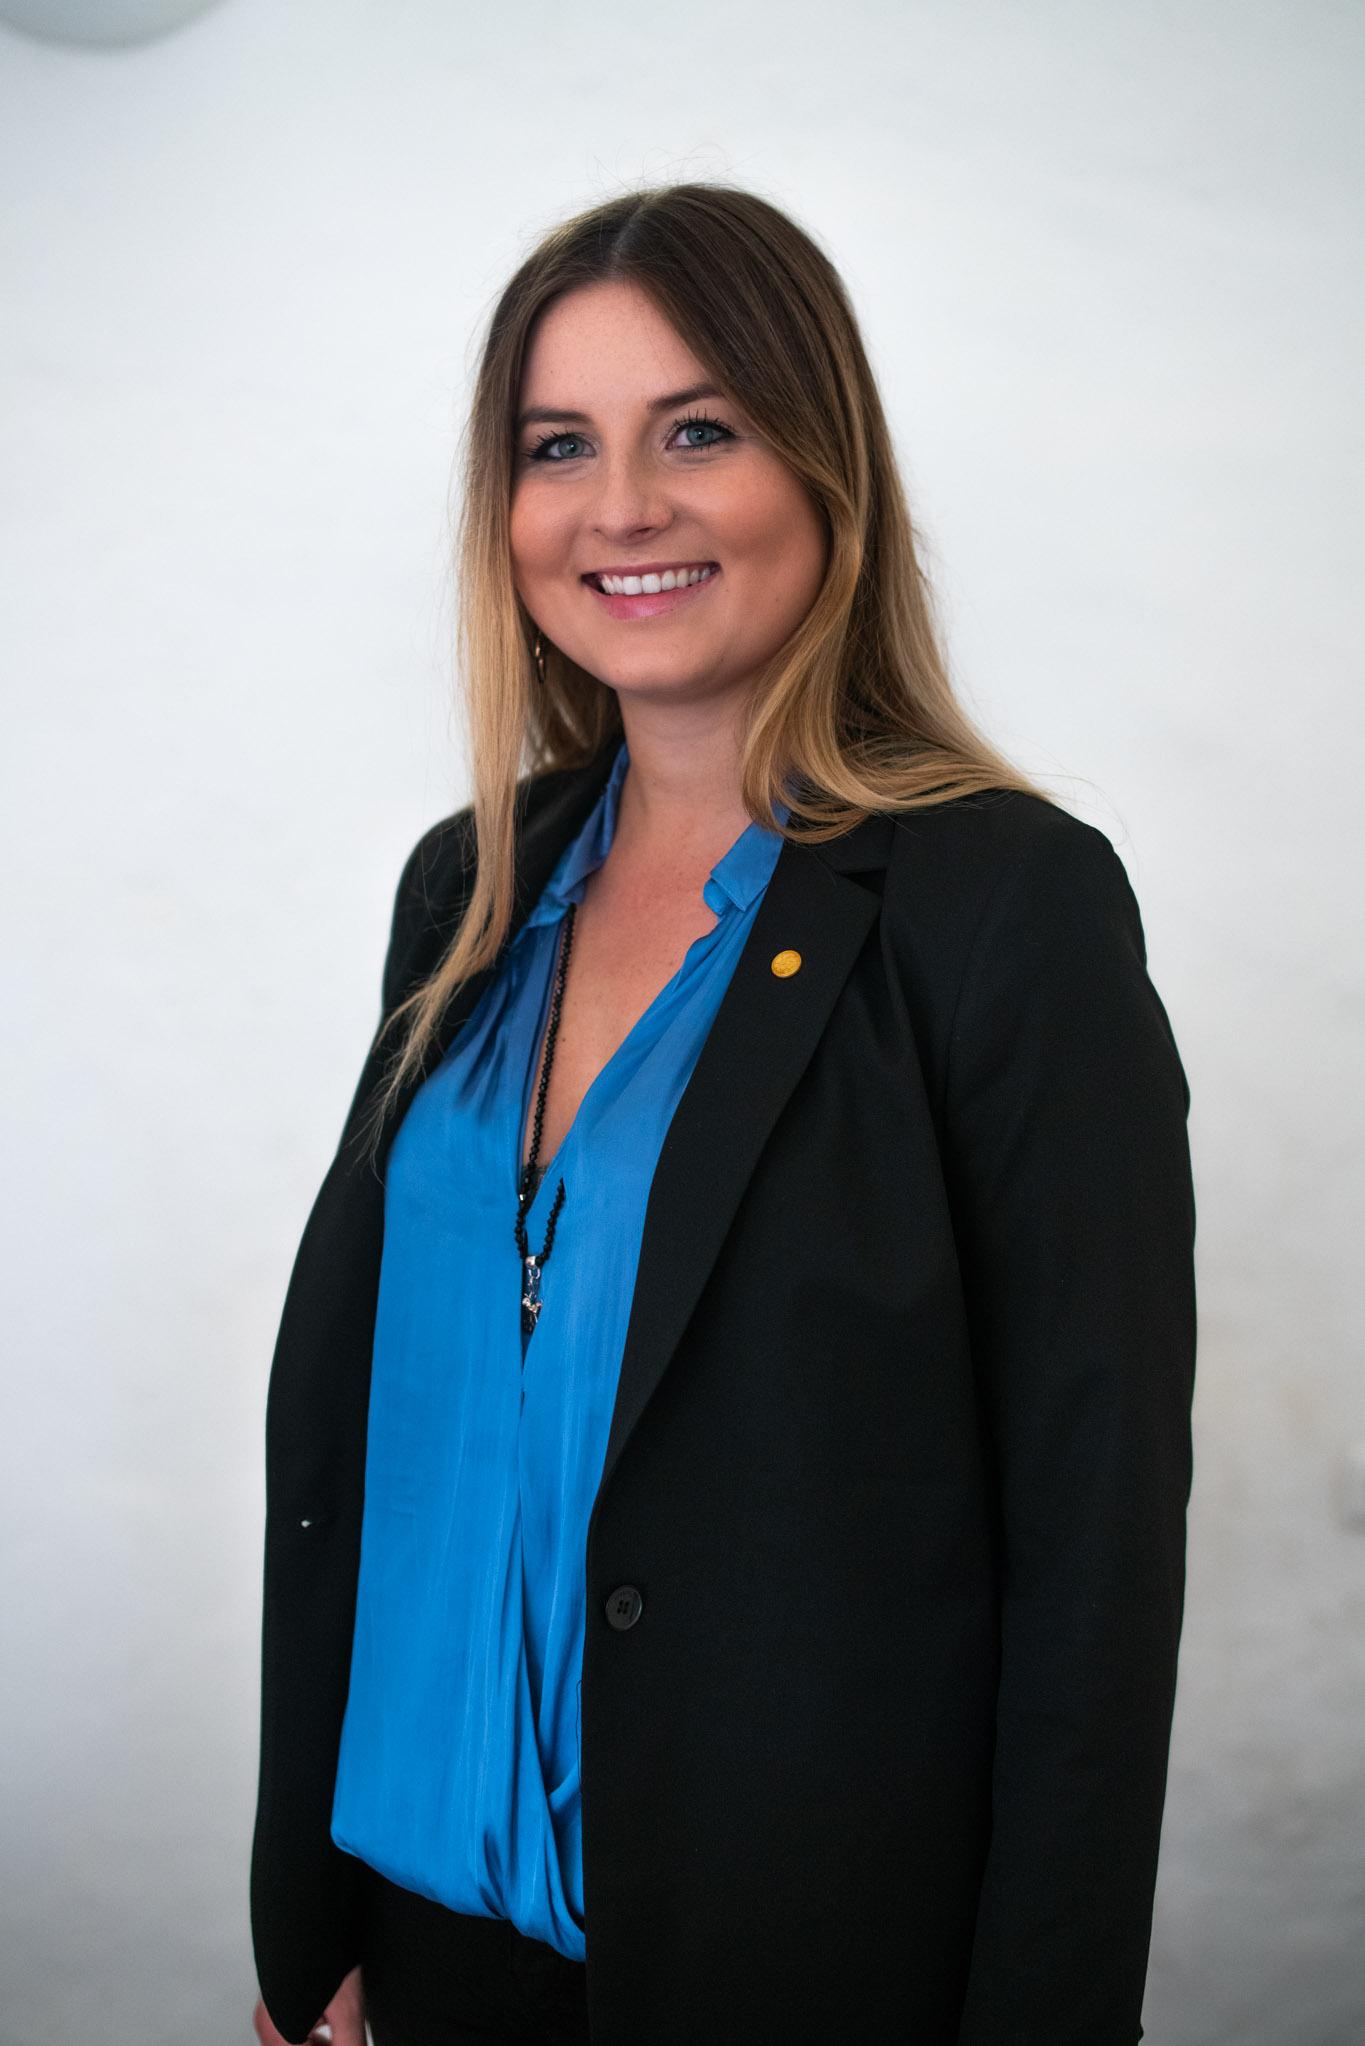 Johanna Nagel